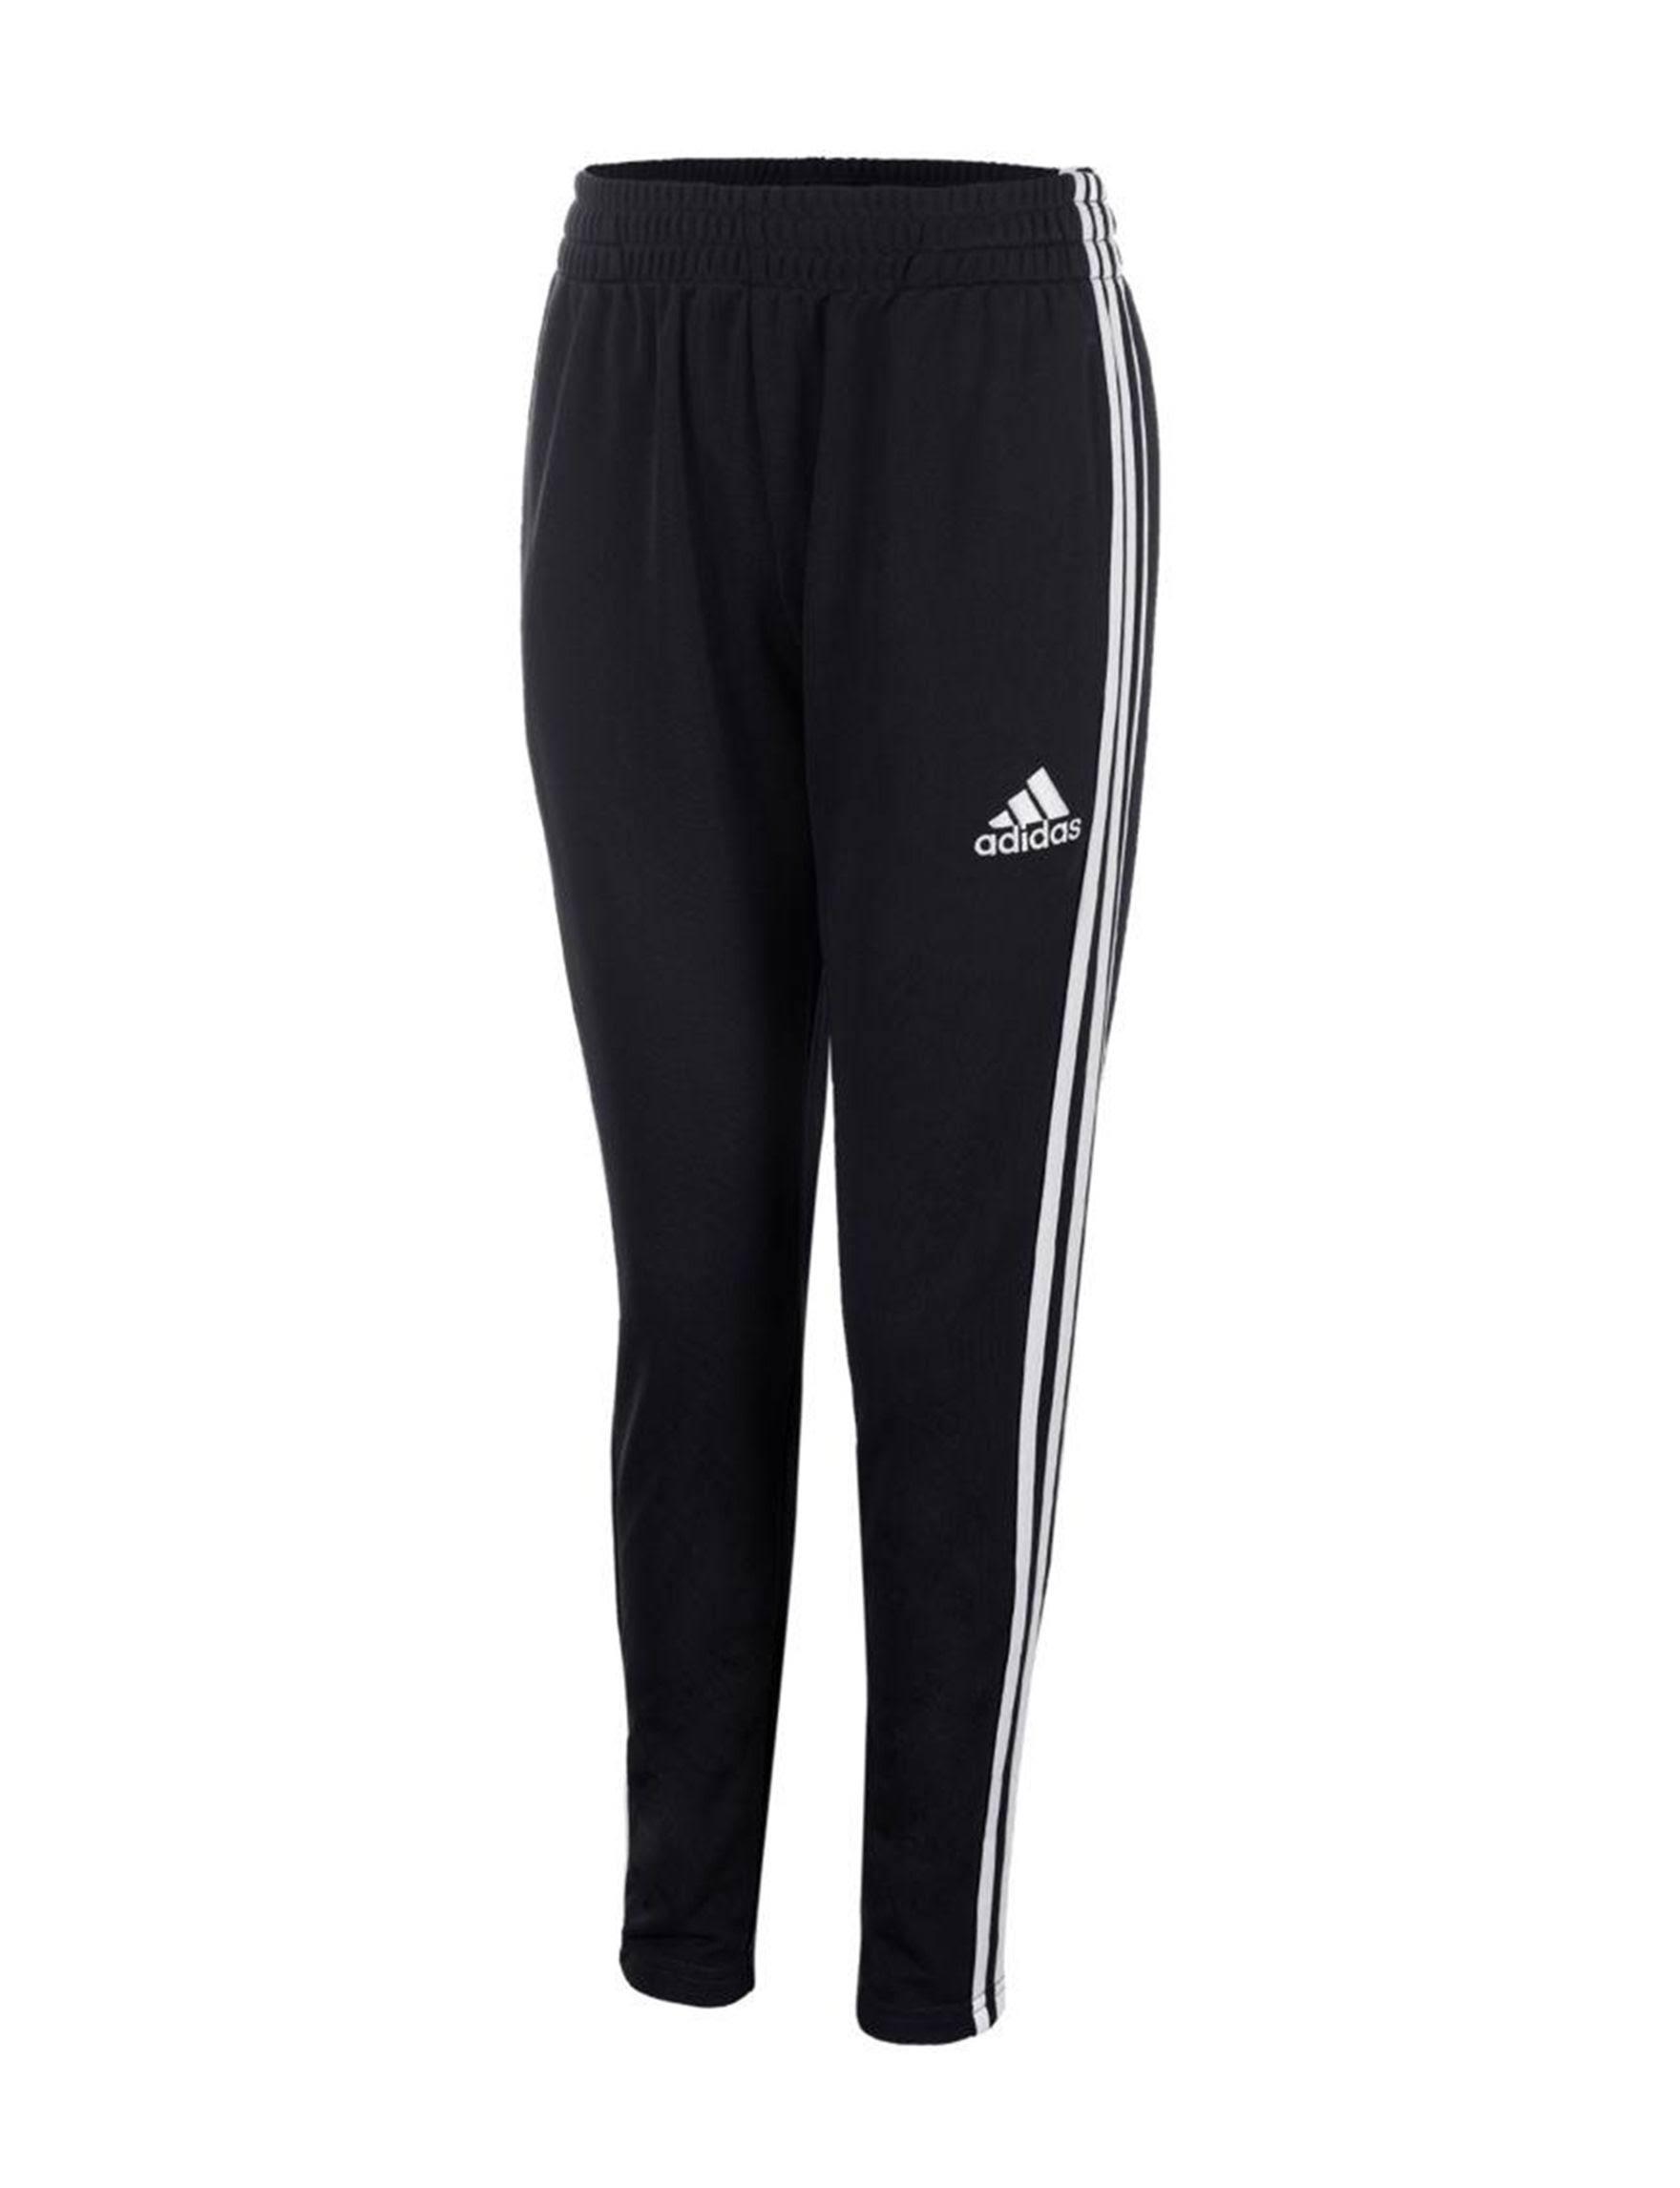 Grundschule Pants Adidas Xl Größe Ak5379ak01jc Jungen Trainer 685RqxRnp